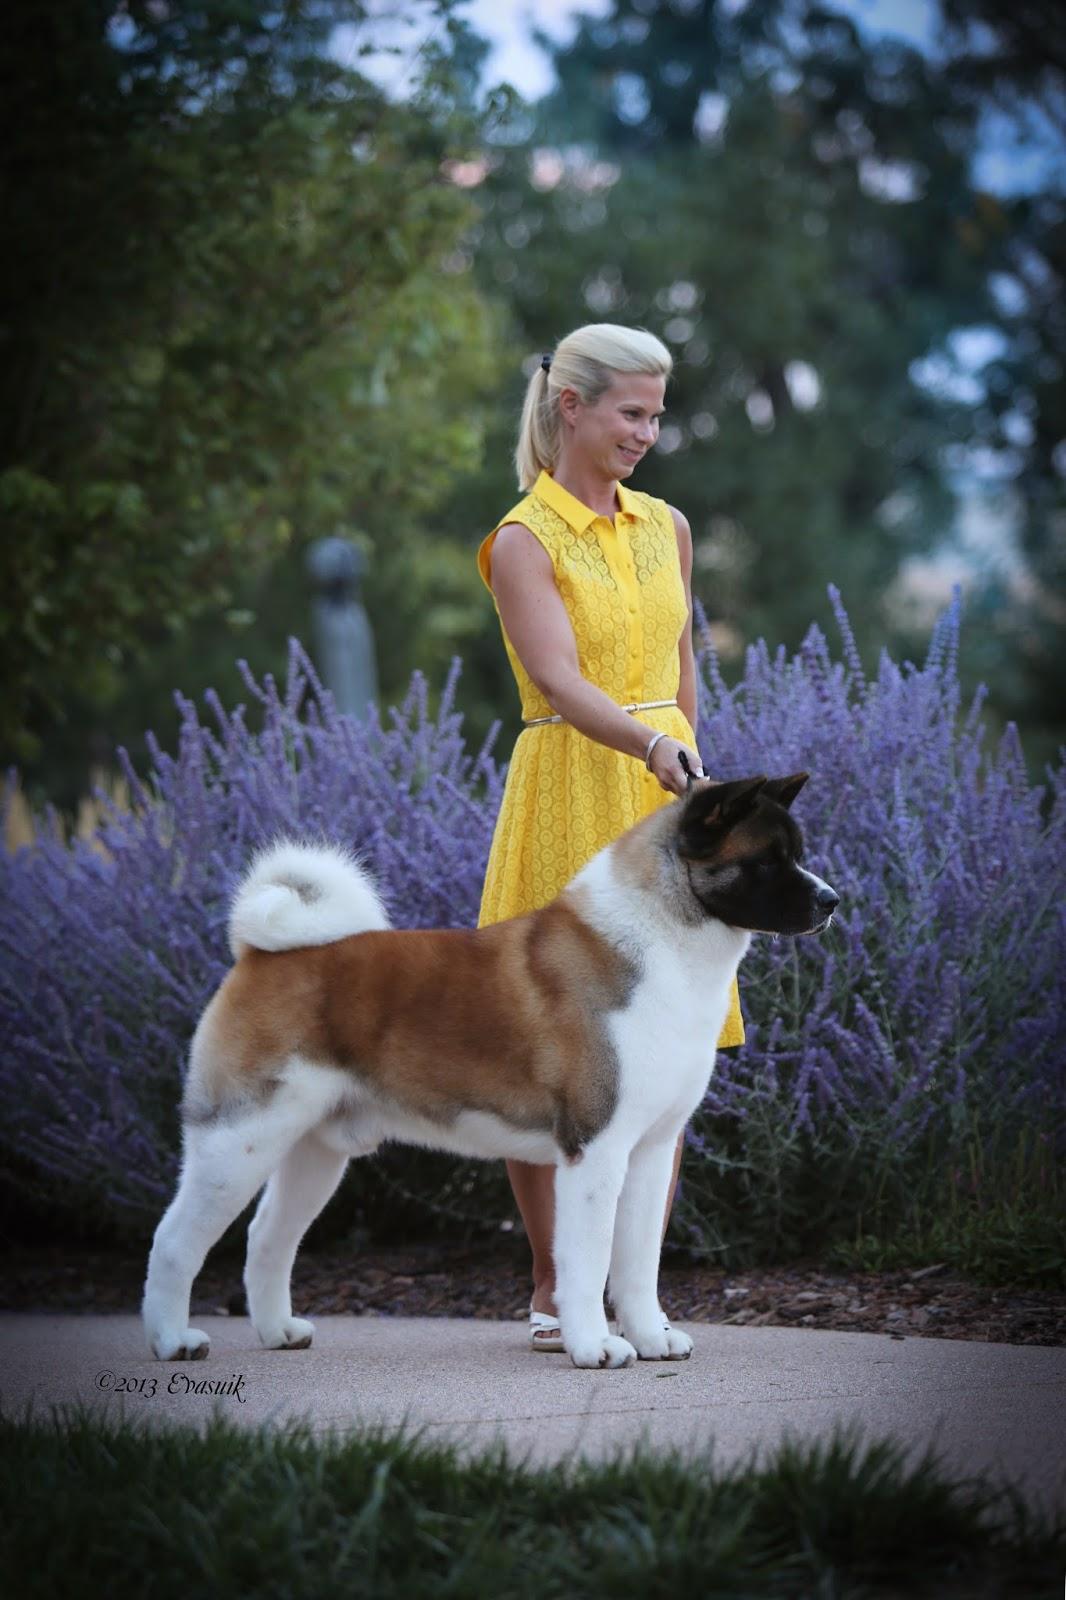 2014 Westminster Dog Show Poodle